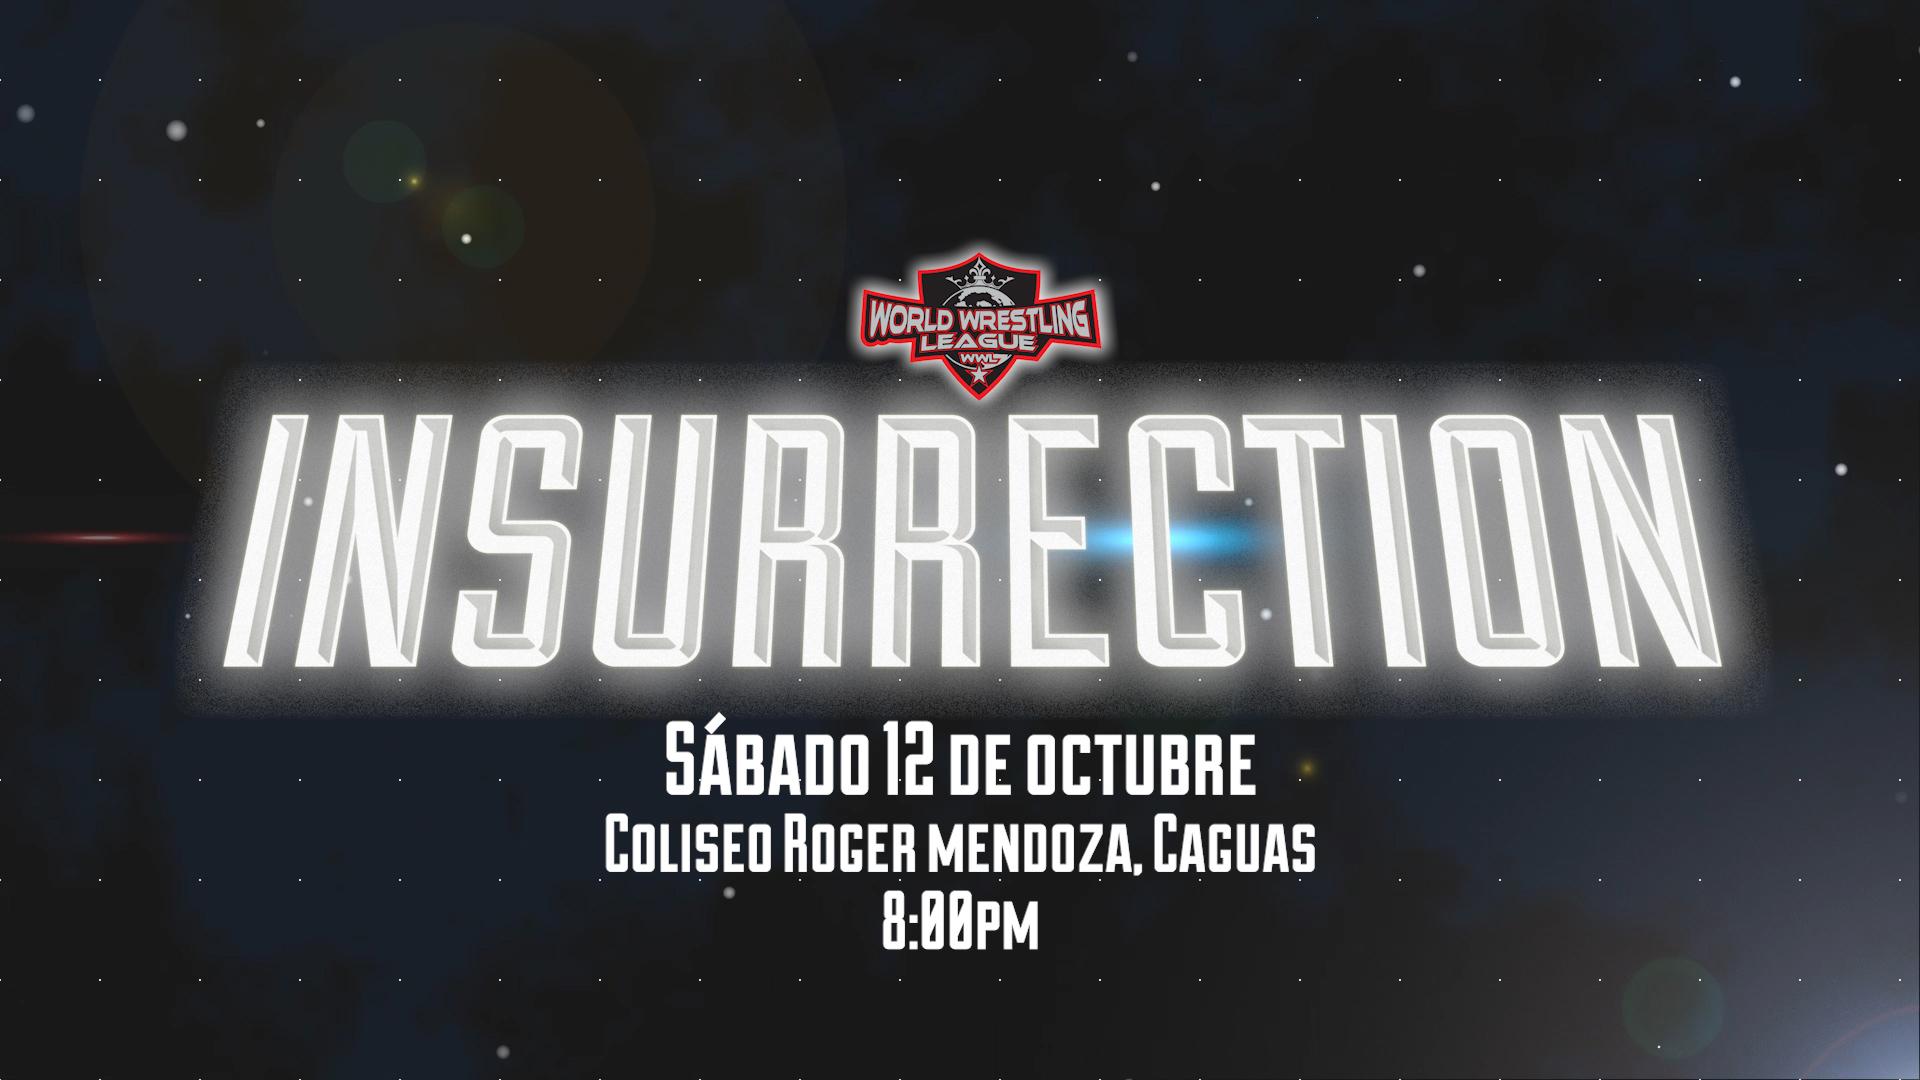 Cartelera final para Insurrection de la WWL este Sábado 12 de Octubre en Caguas 13